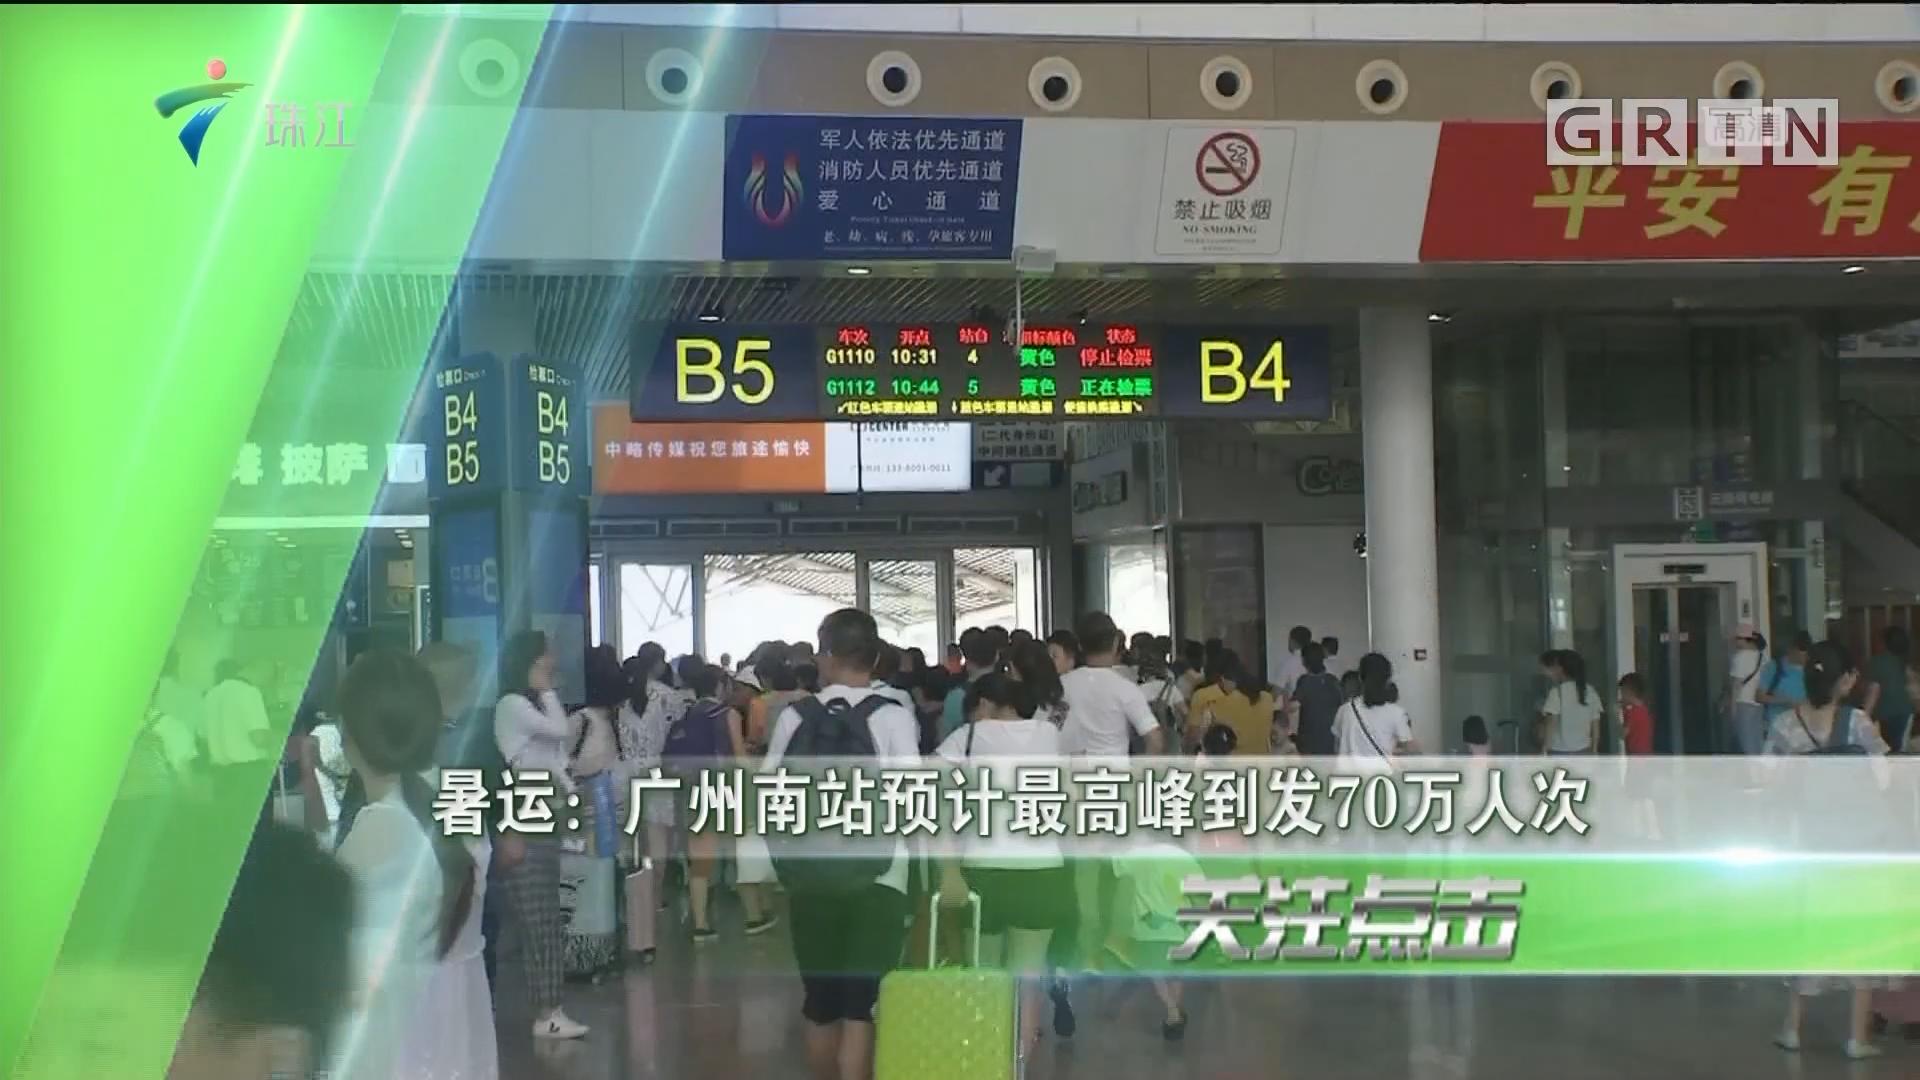 暑运:广州南站预计最高峰到发70万人次